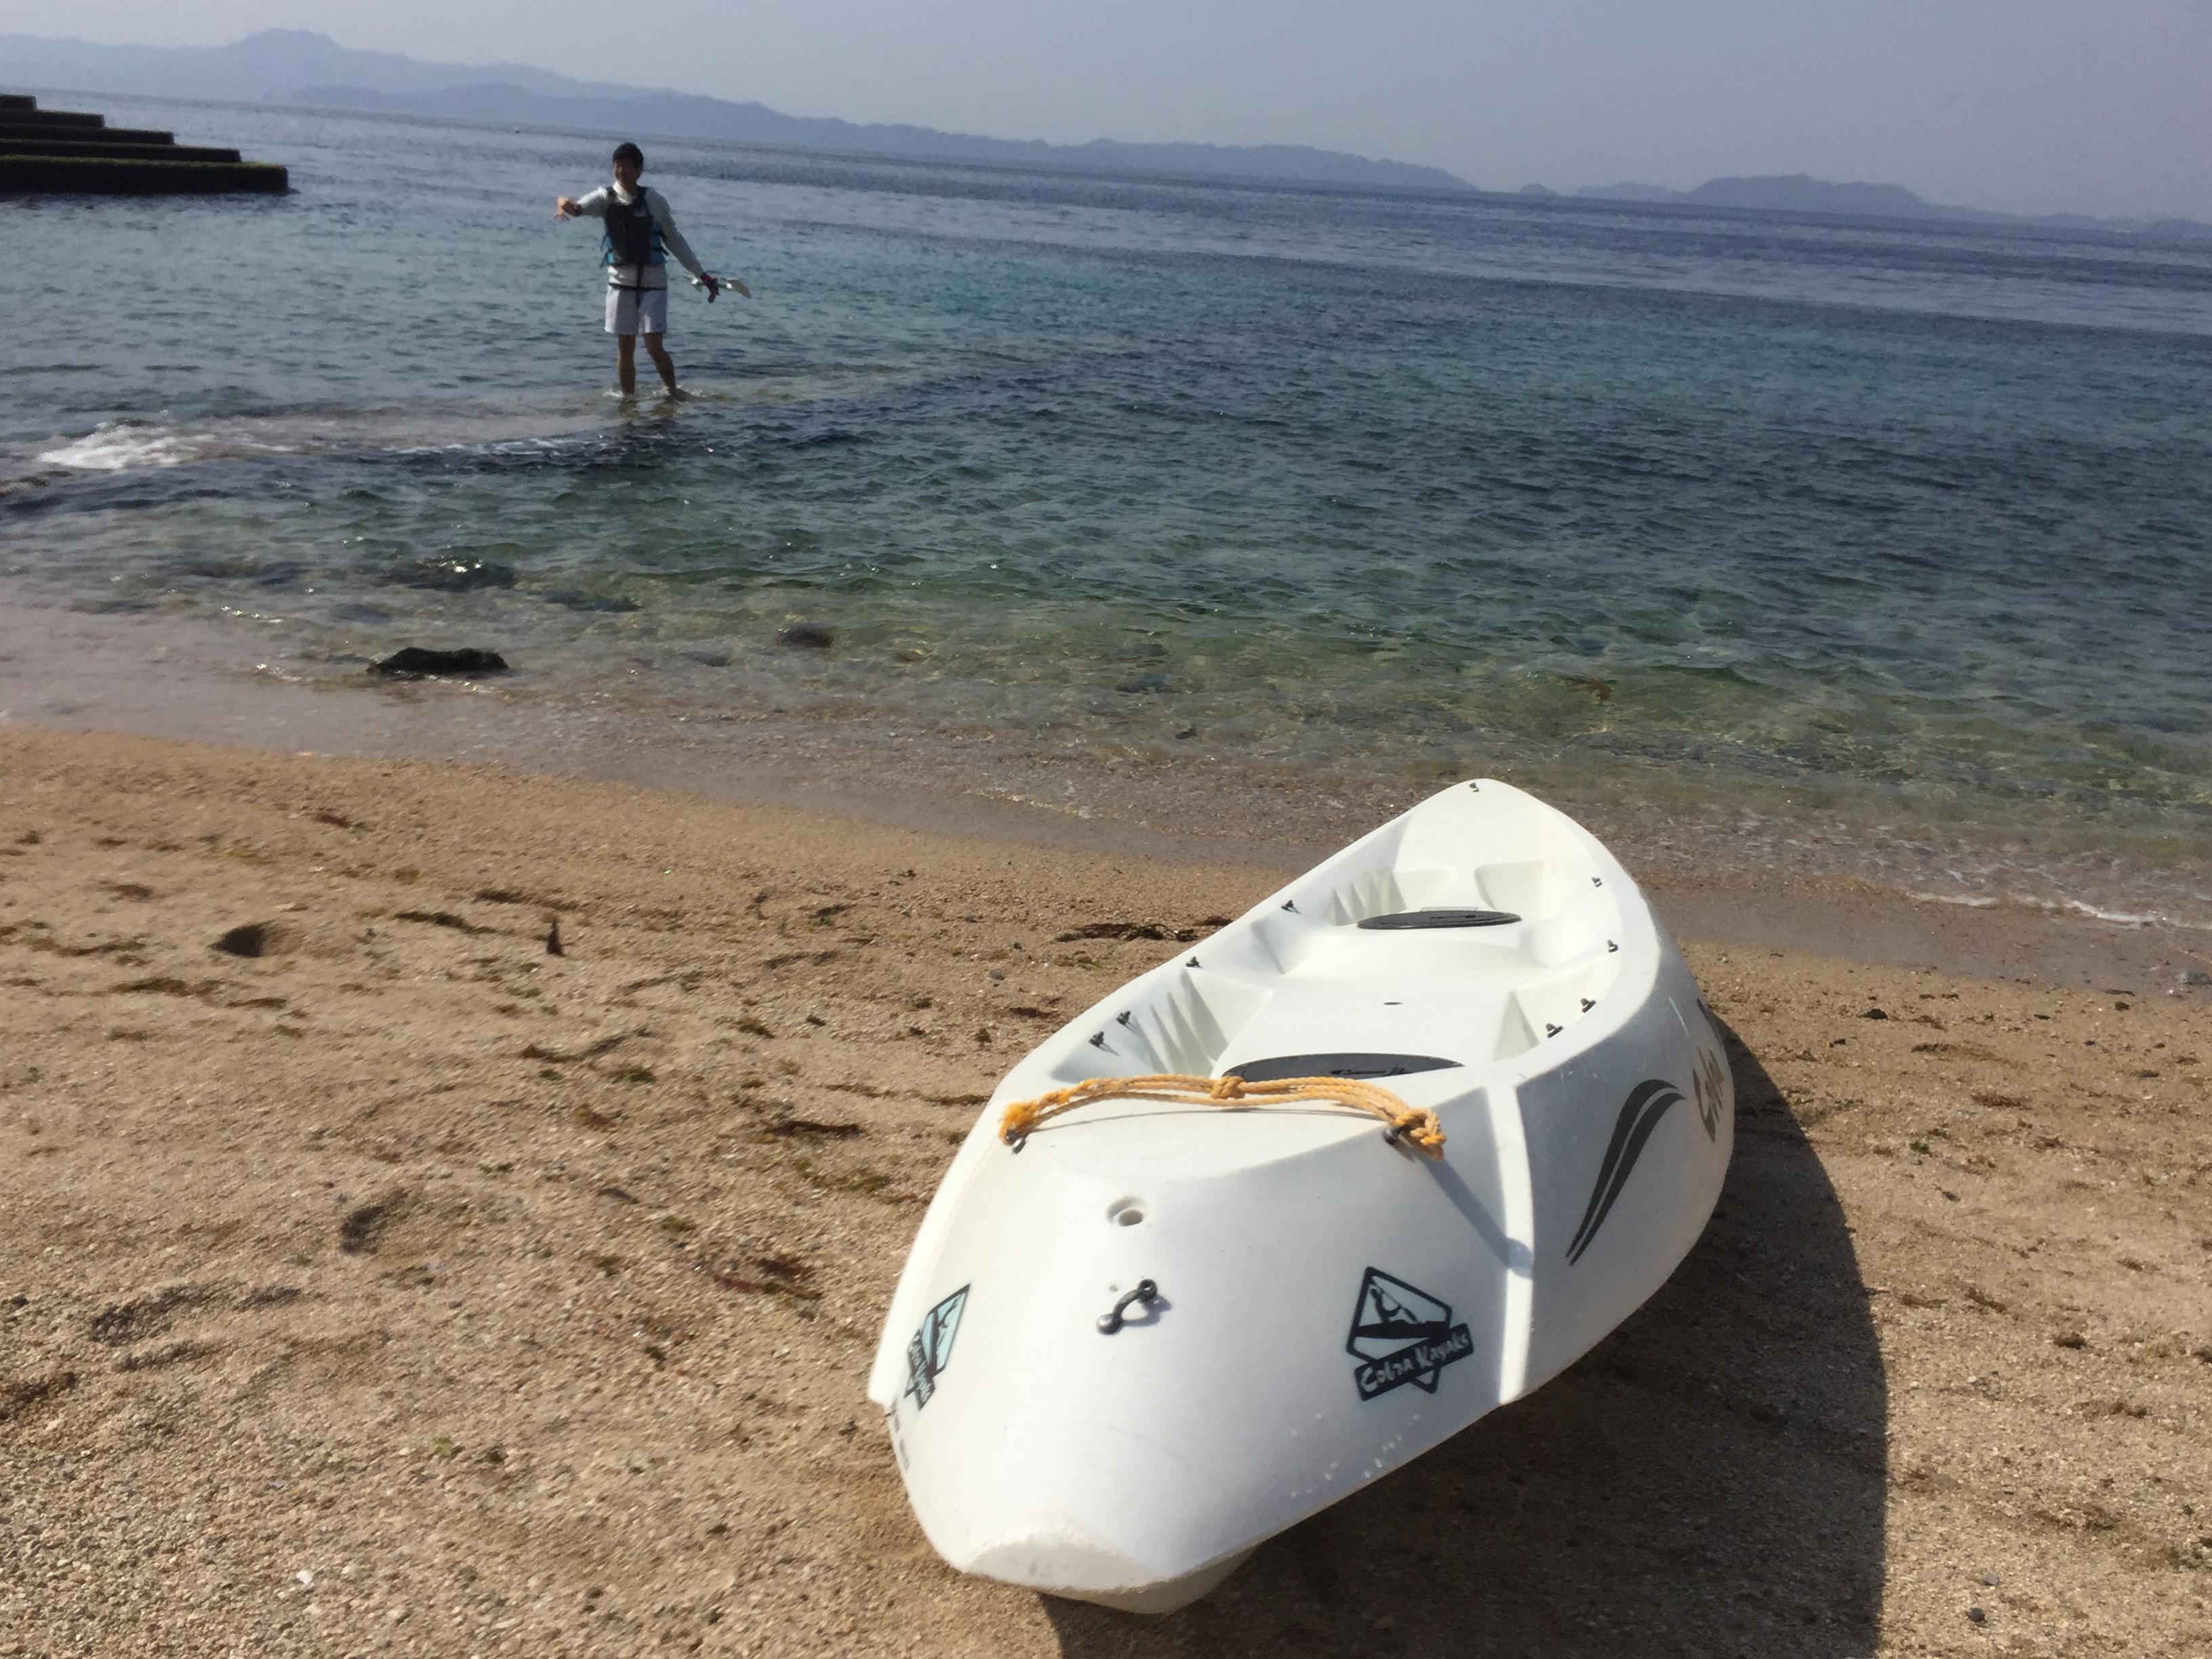 風を感じながら爽快に進む!エメラルドグリーンの海が広がる西予市明浜の海を歩くシーカヤックが最高に楽しい!